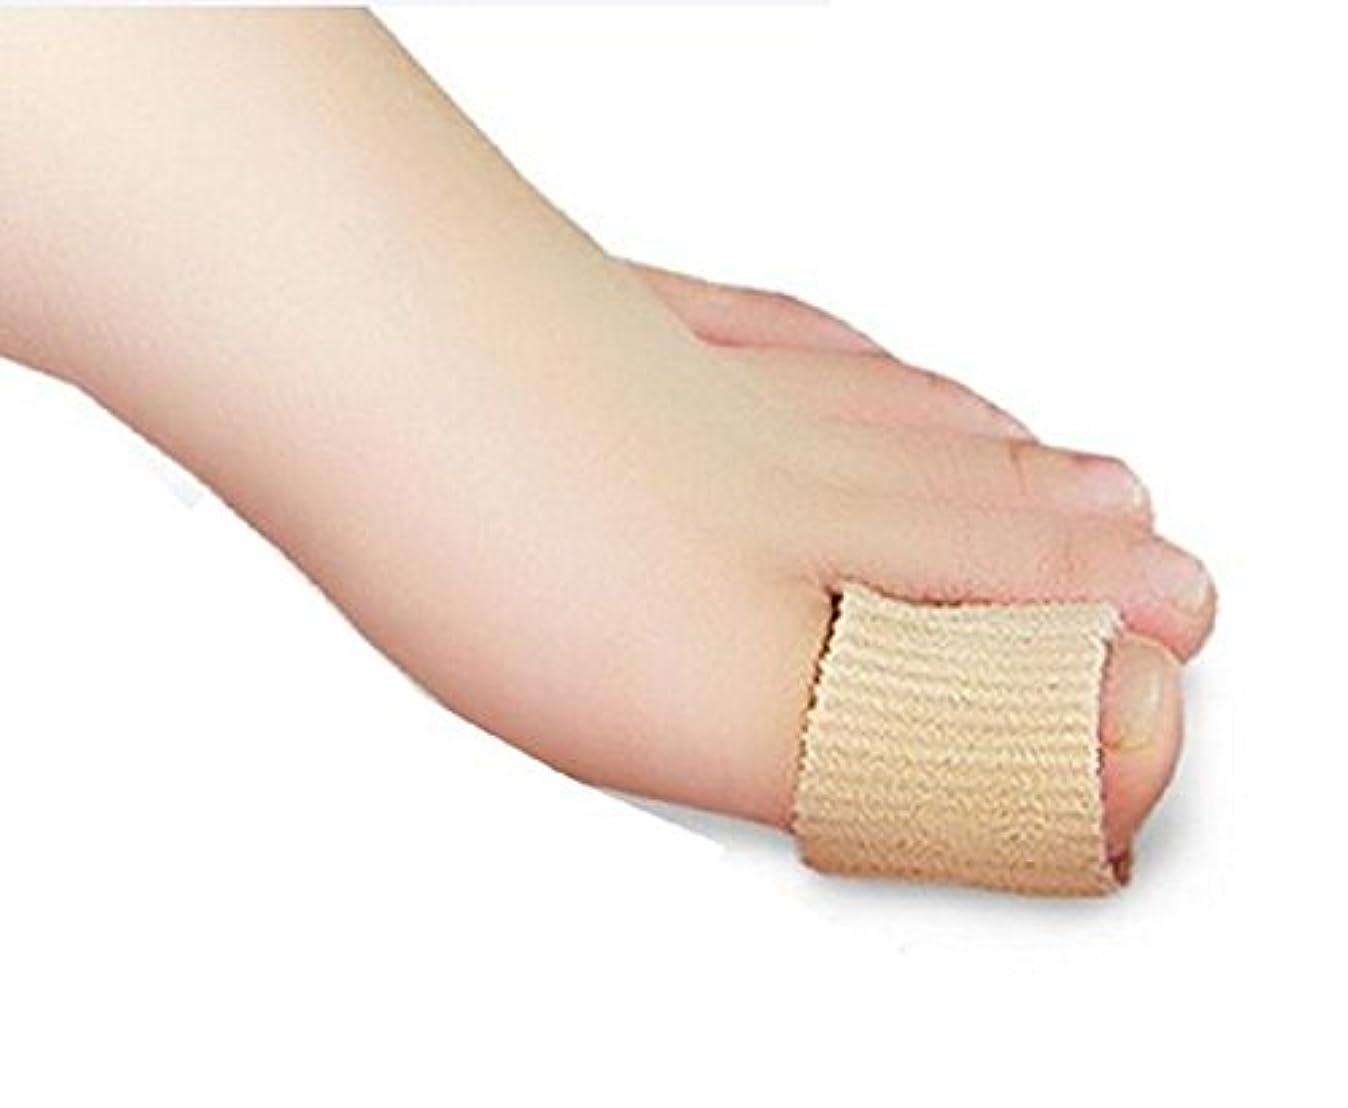 対称申し込む記念碑I BECOME FREE 足指保護パッド 手の指 突き指 足まめ マメ 水虫 腫れ 内部のジェルで優しく包みます